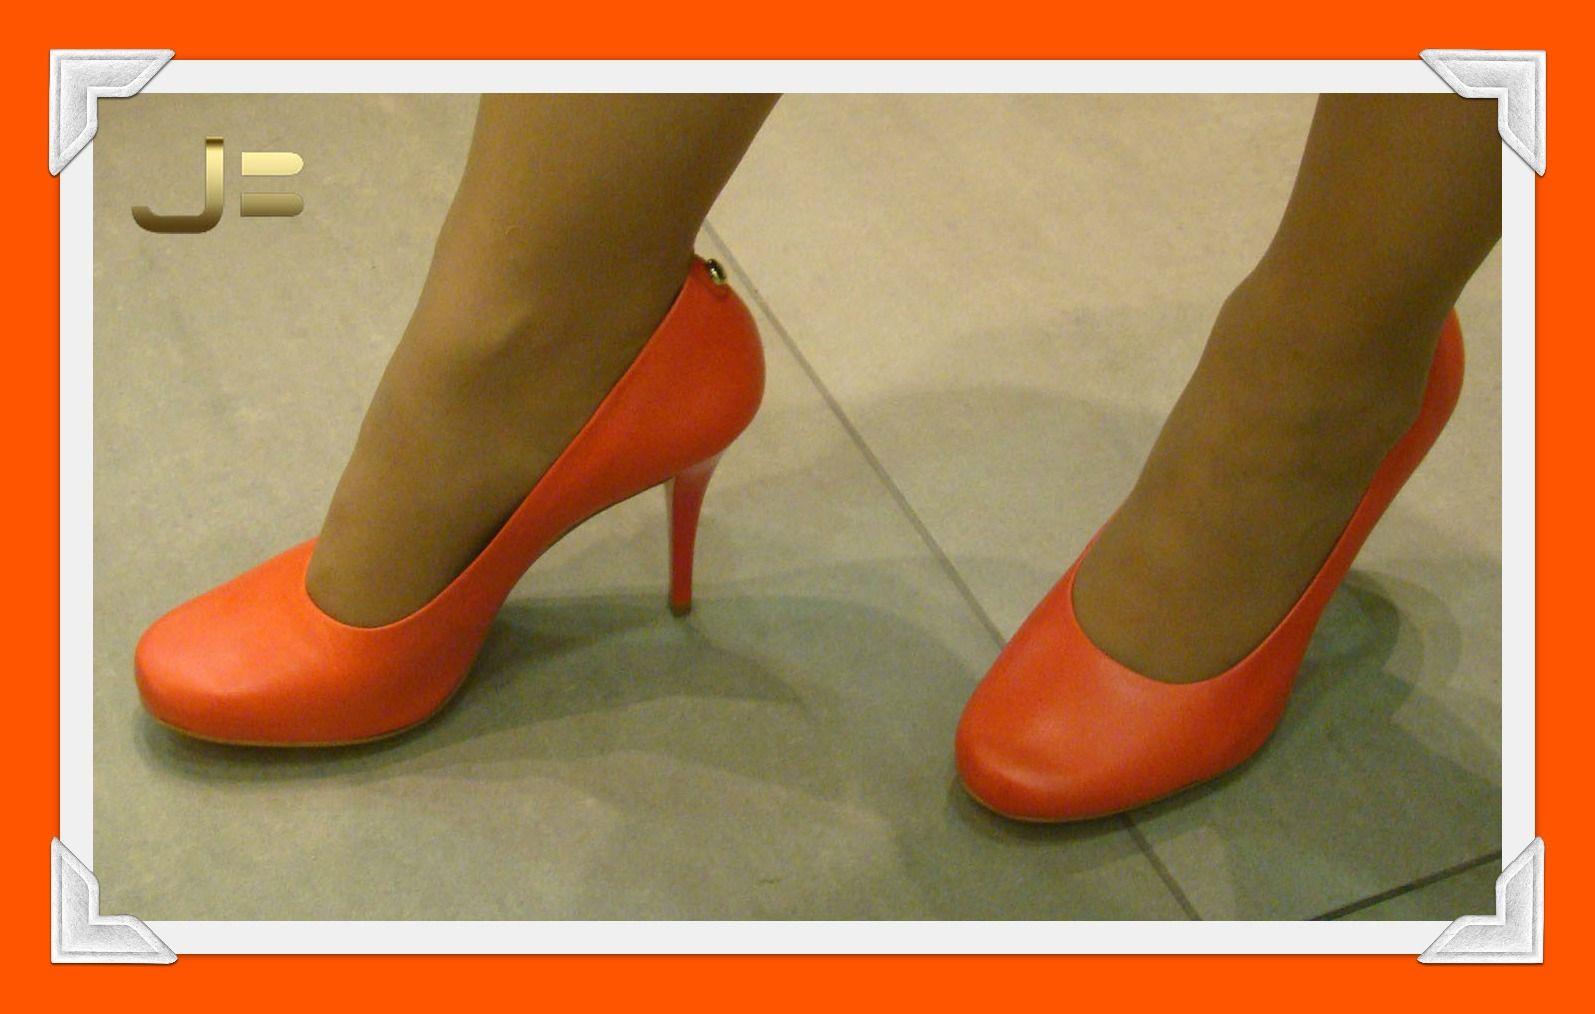 O abóbora será a nova tendência da estação primavera-verão. A cor, quente, é capaz de alegrar qualquer visual! Venha até nossas lojas no BH Shopping e DiamondMall ver nossos sapatos dessa cor! =)